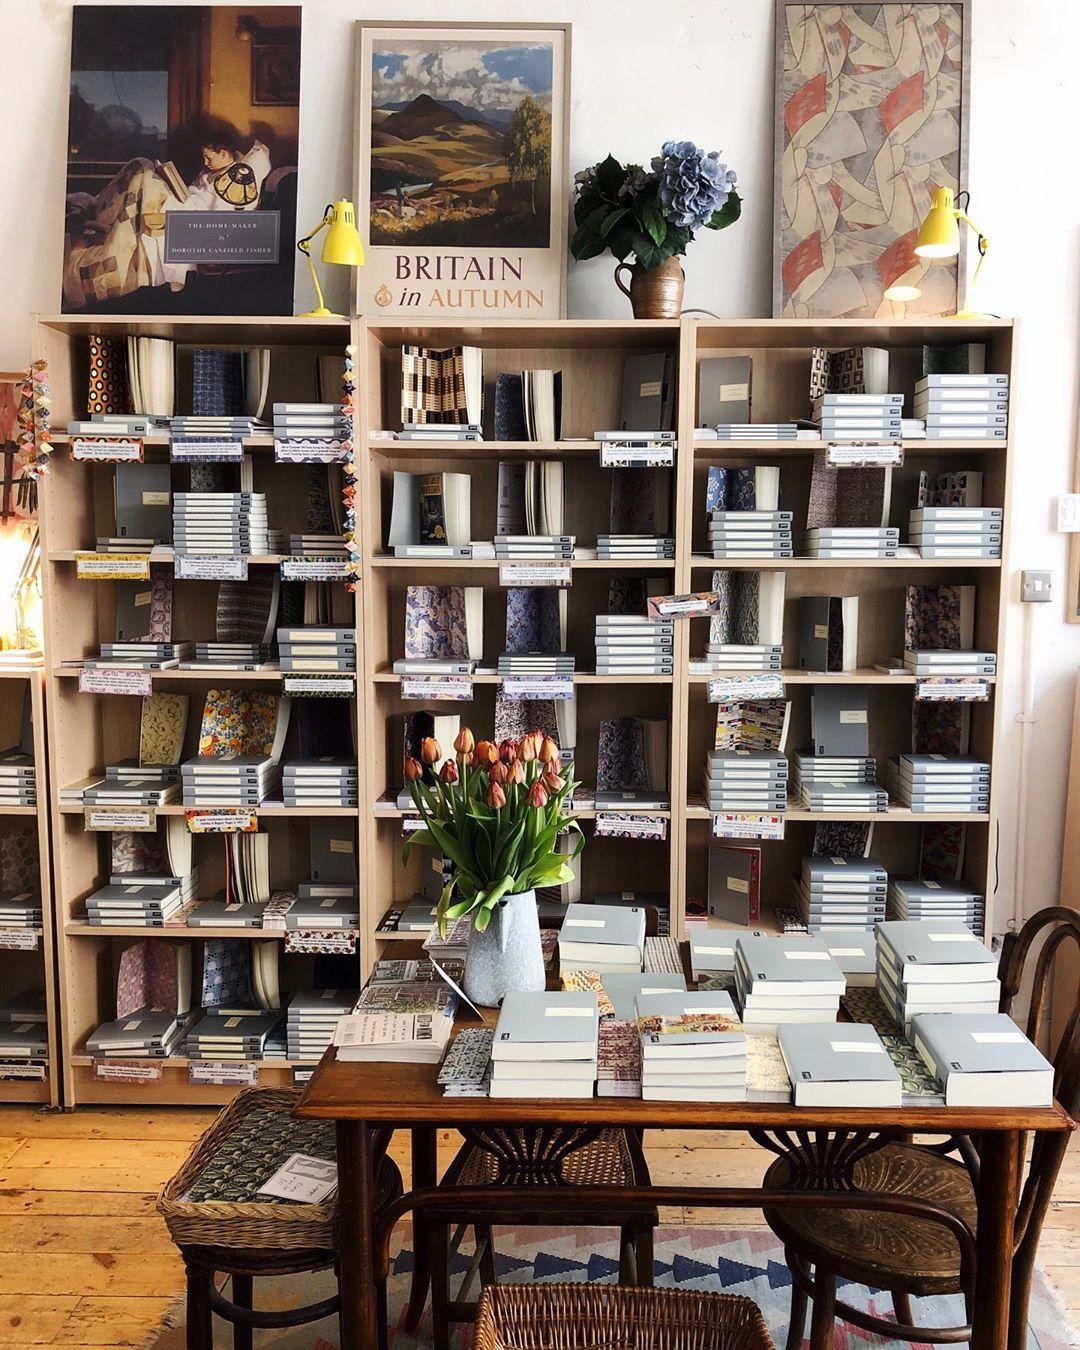 Bookshelves in Persephone Books, London